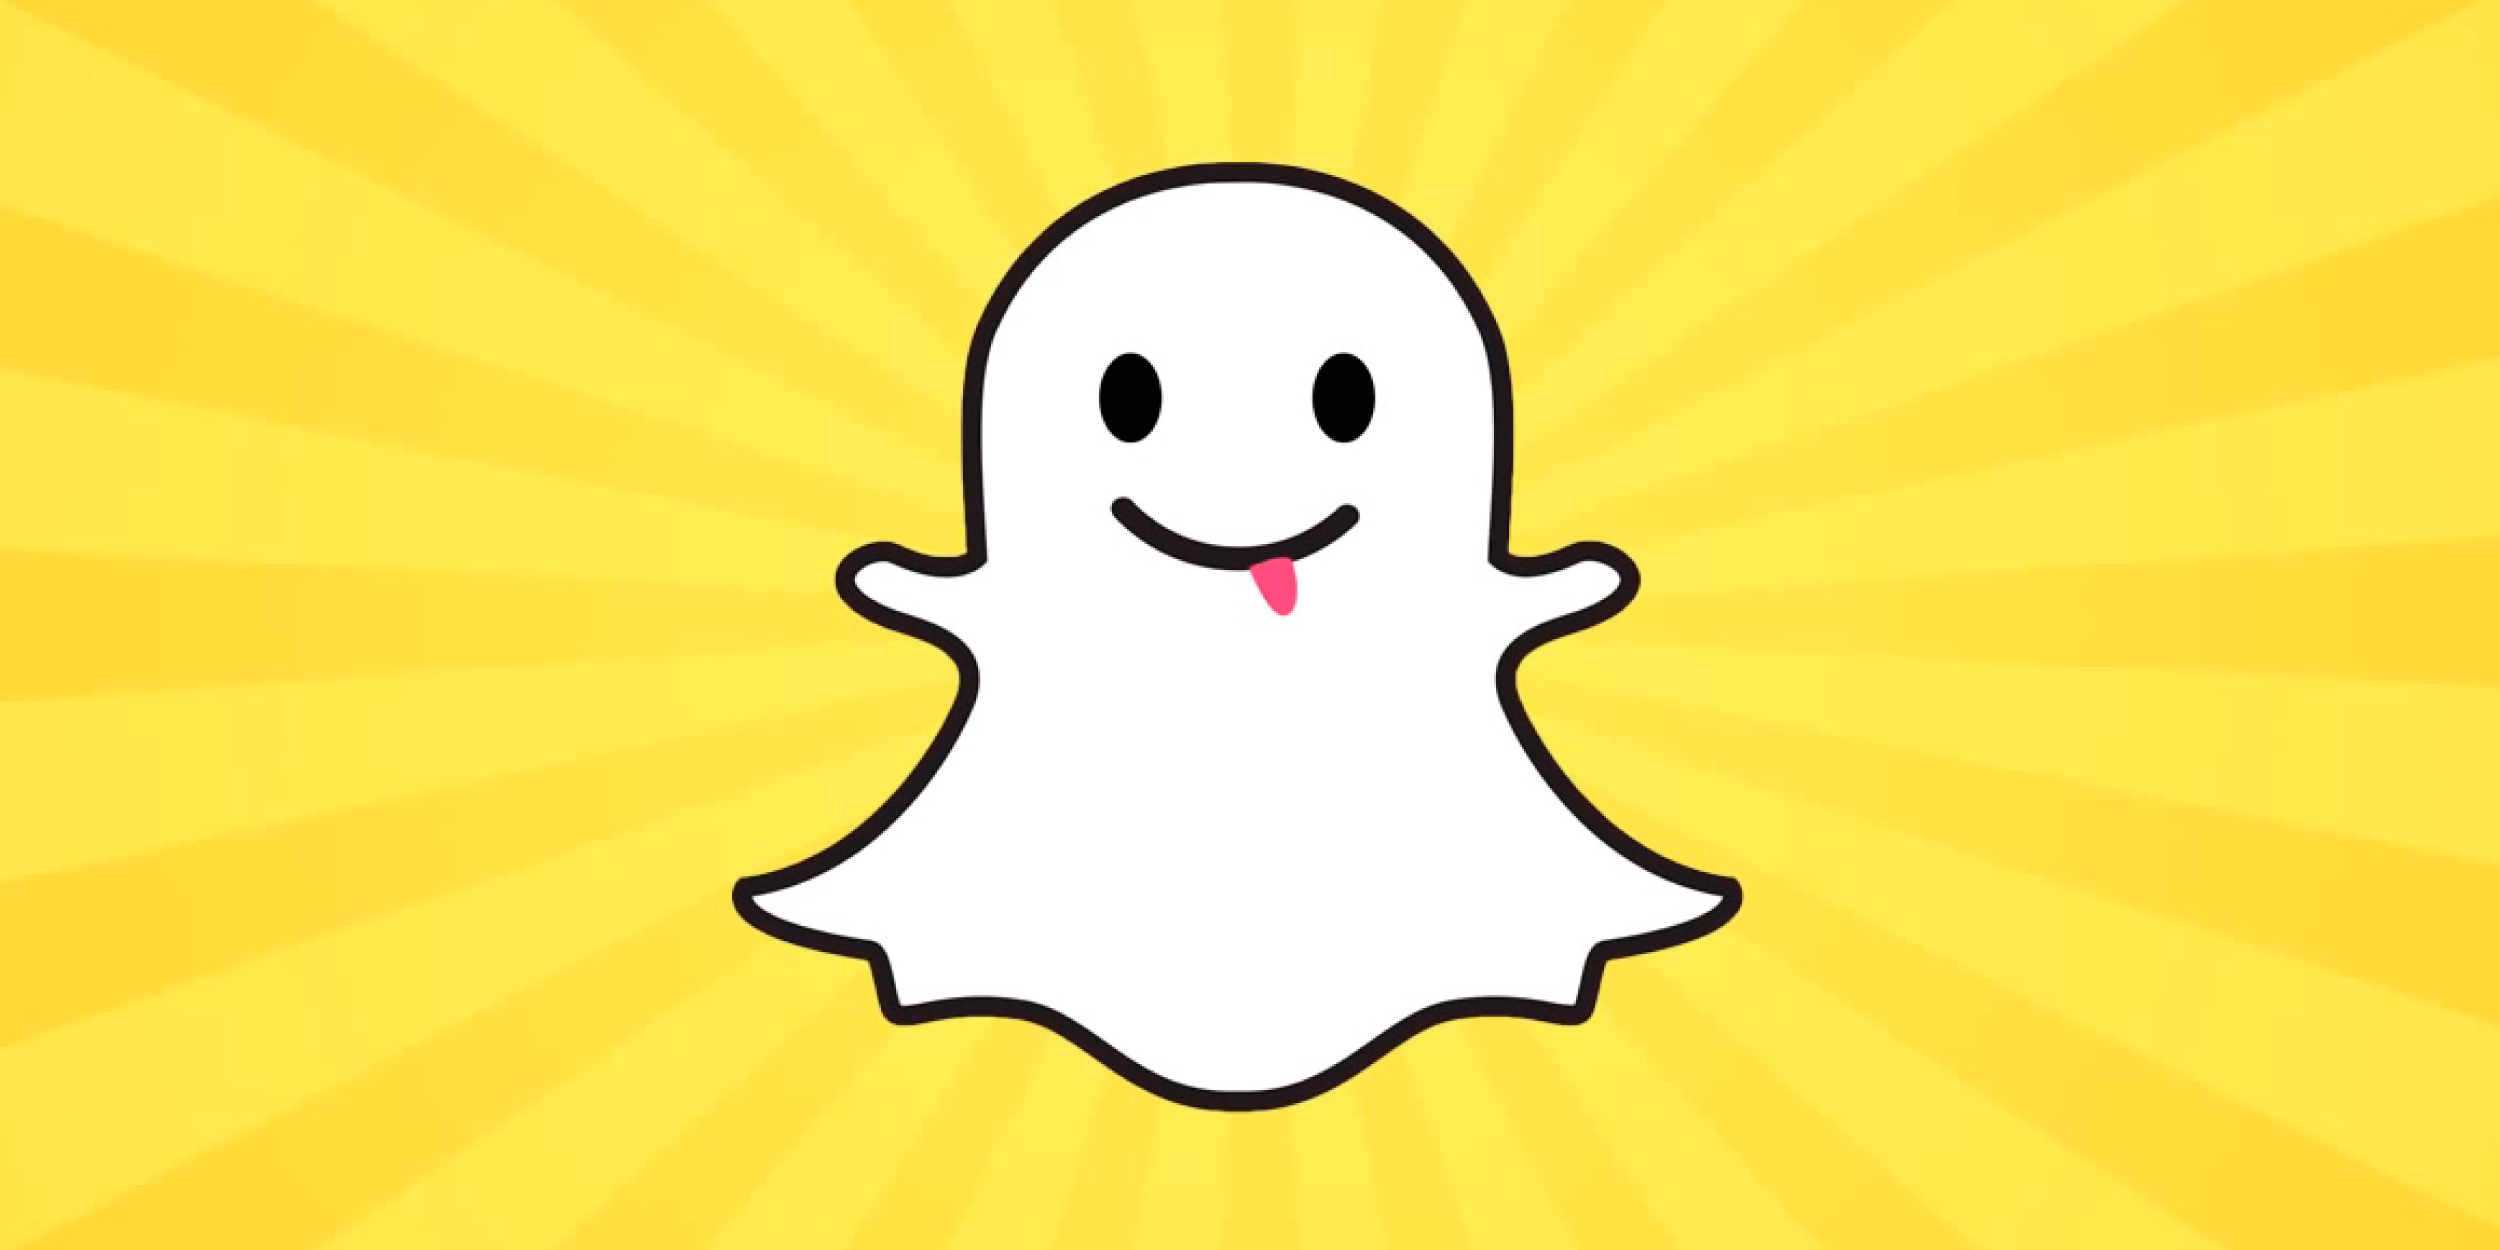 Как добавить эффекты, маски, текст и стикеры на фото в Snapchat